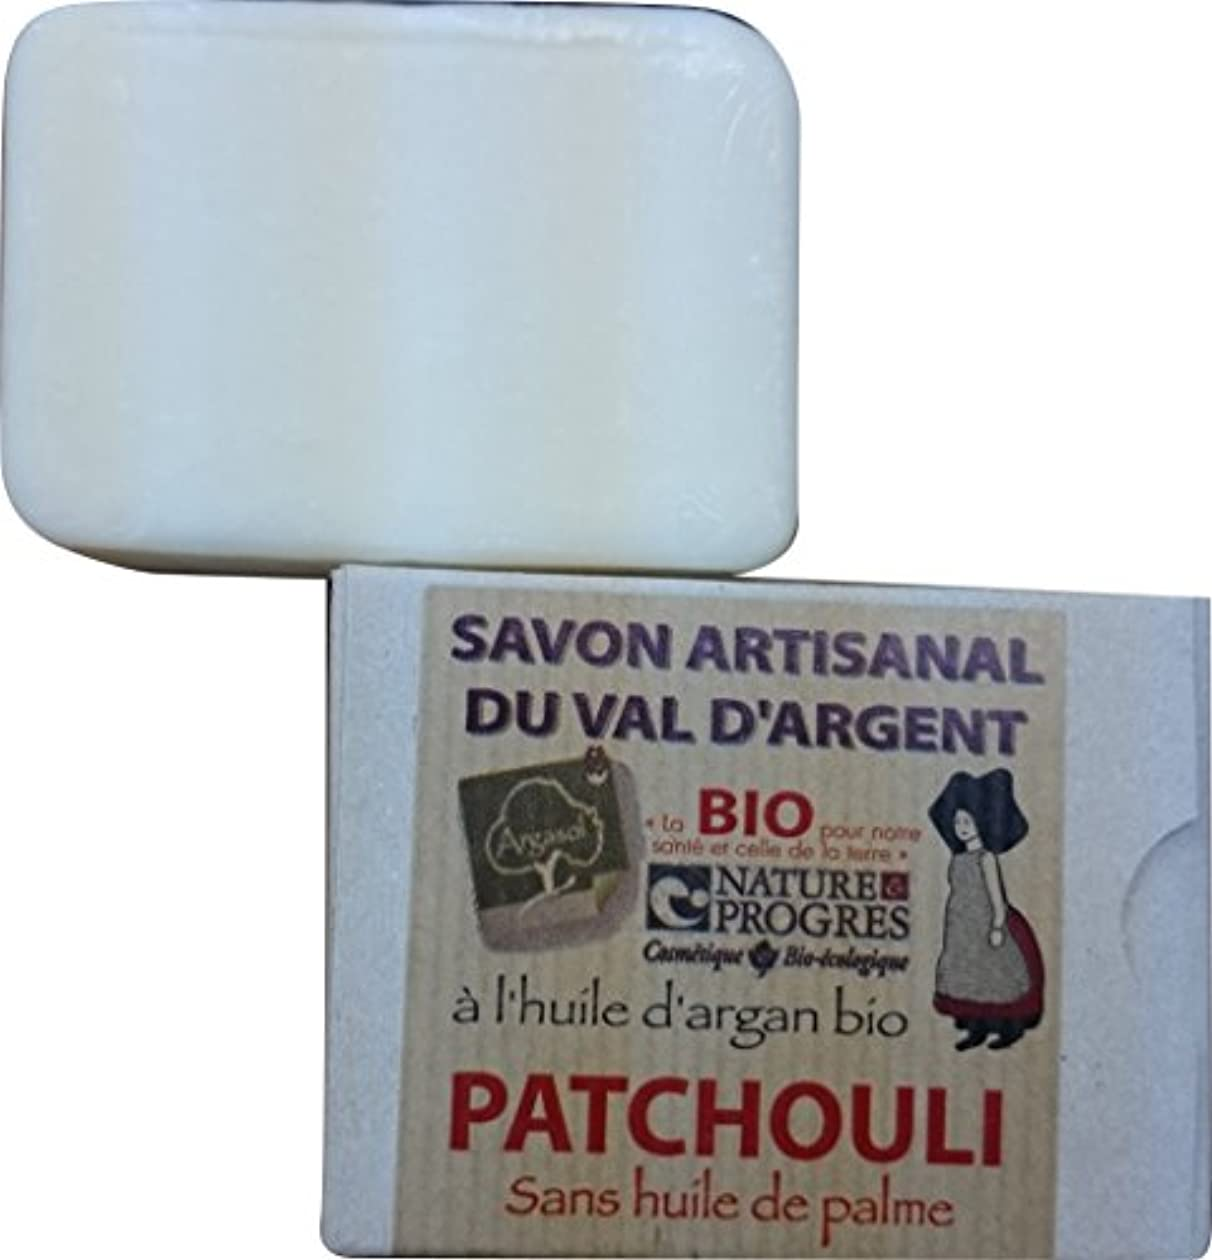 明らかに豊かにする洗剤サボン アルガソル(SAVON ARGASOL) パチョリ